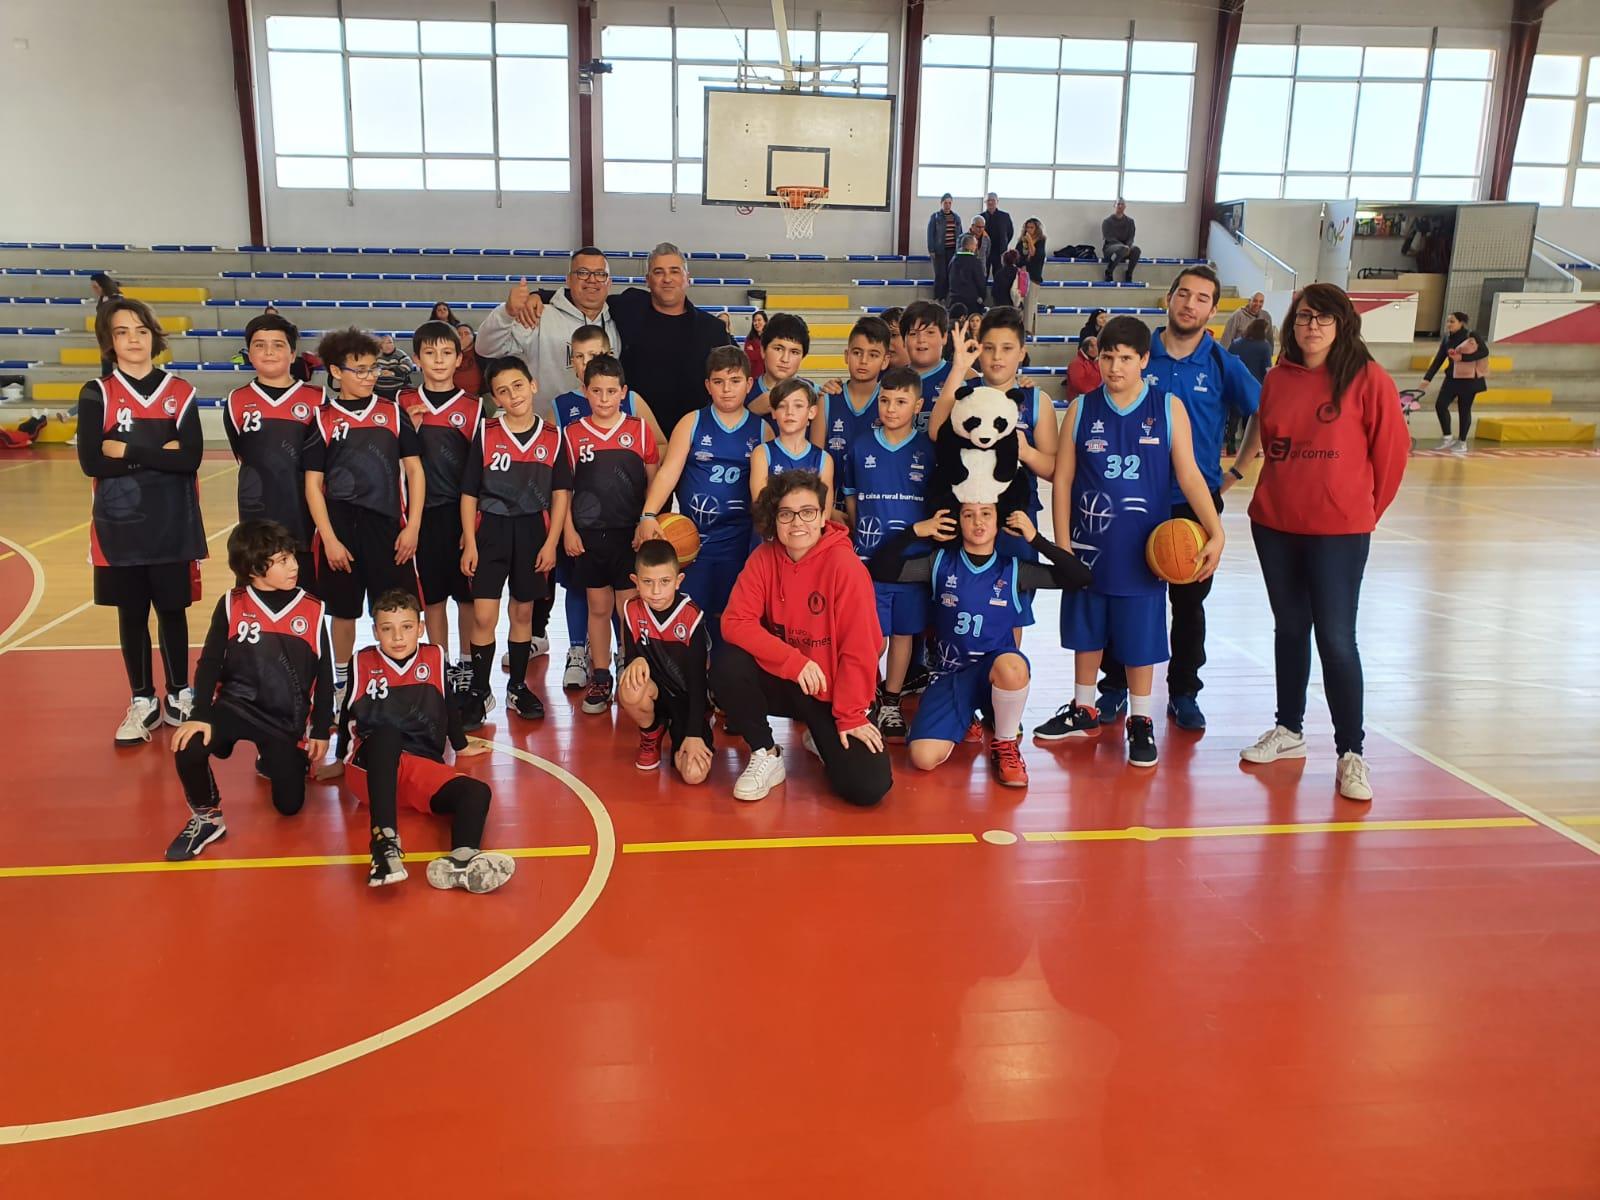 Activitat del cap de setmana del Club Bàsquet Vinaròs